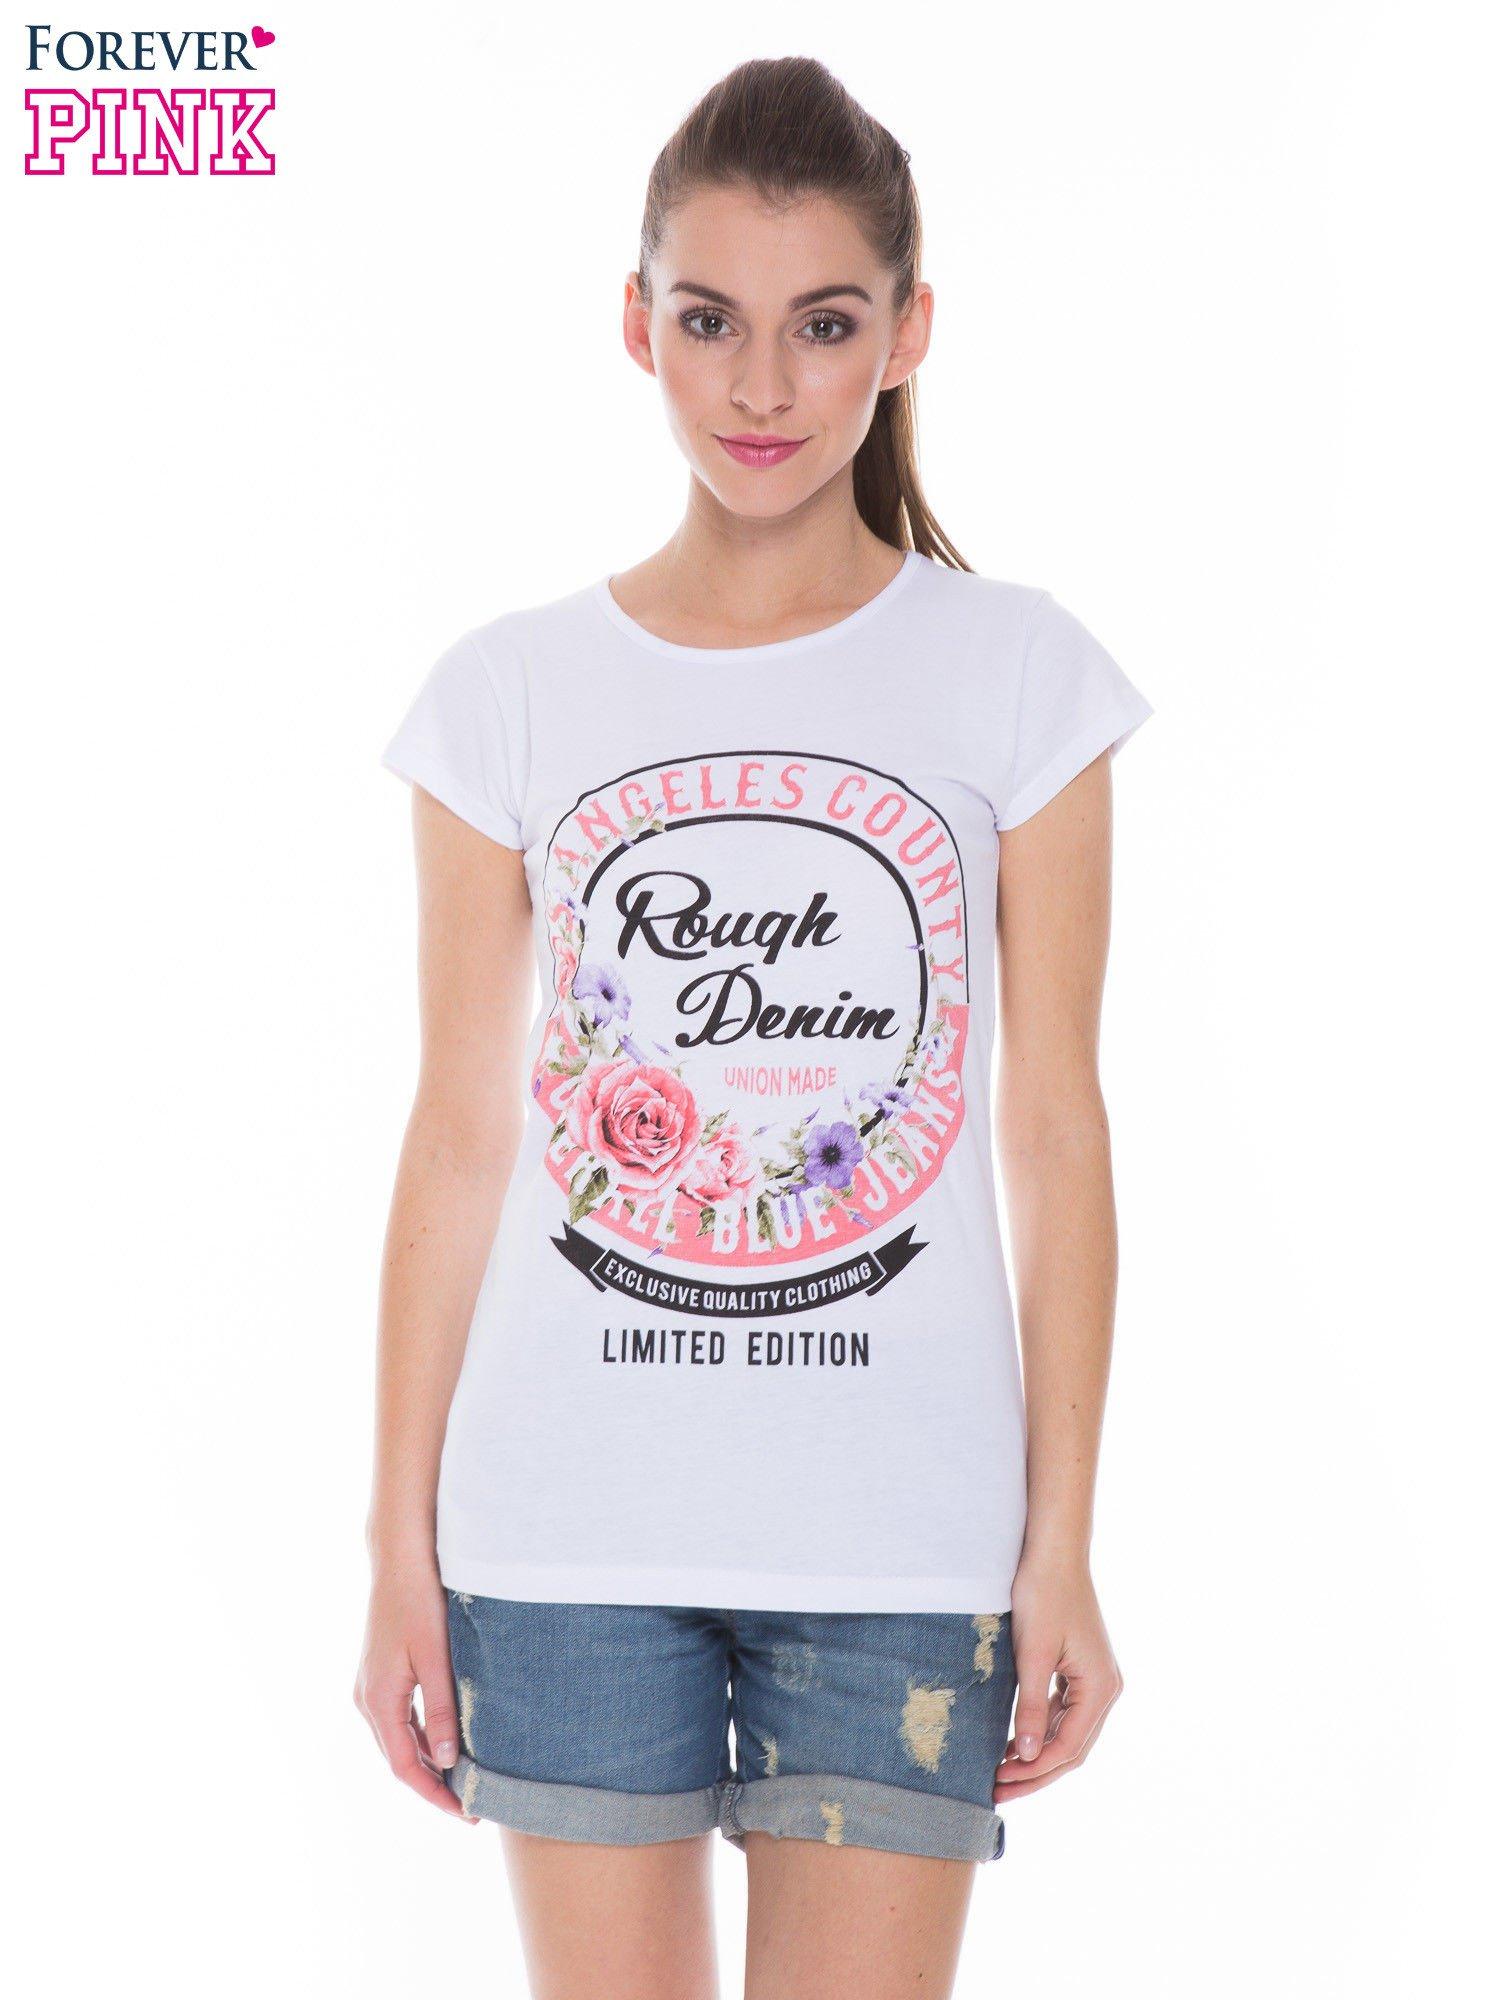 Biały t-shirt z dziewczęcym nadrukiem ROUGH DENIM                                  zdj.                                  1